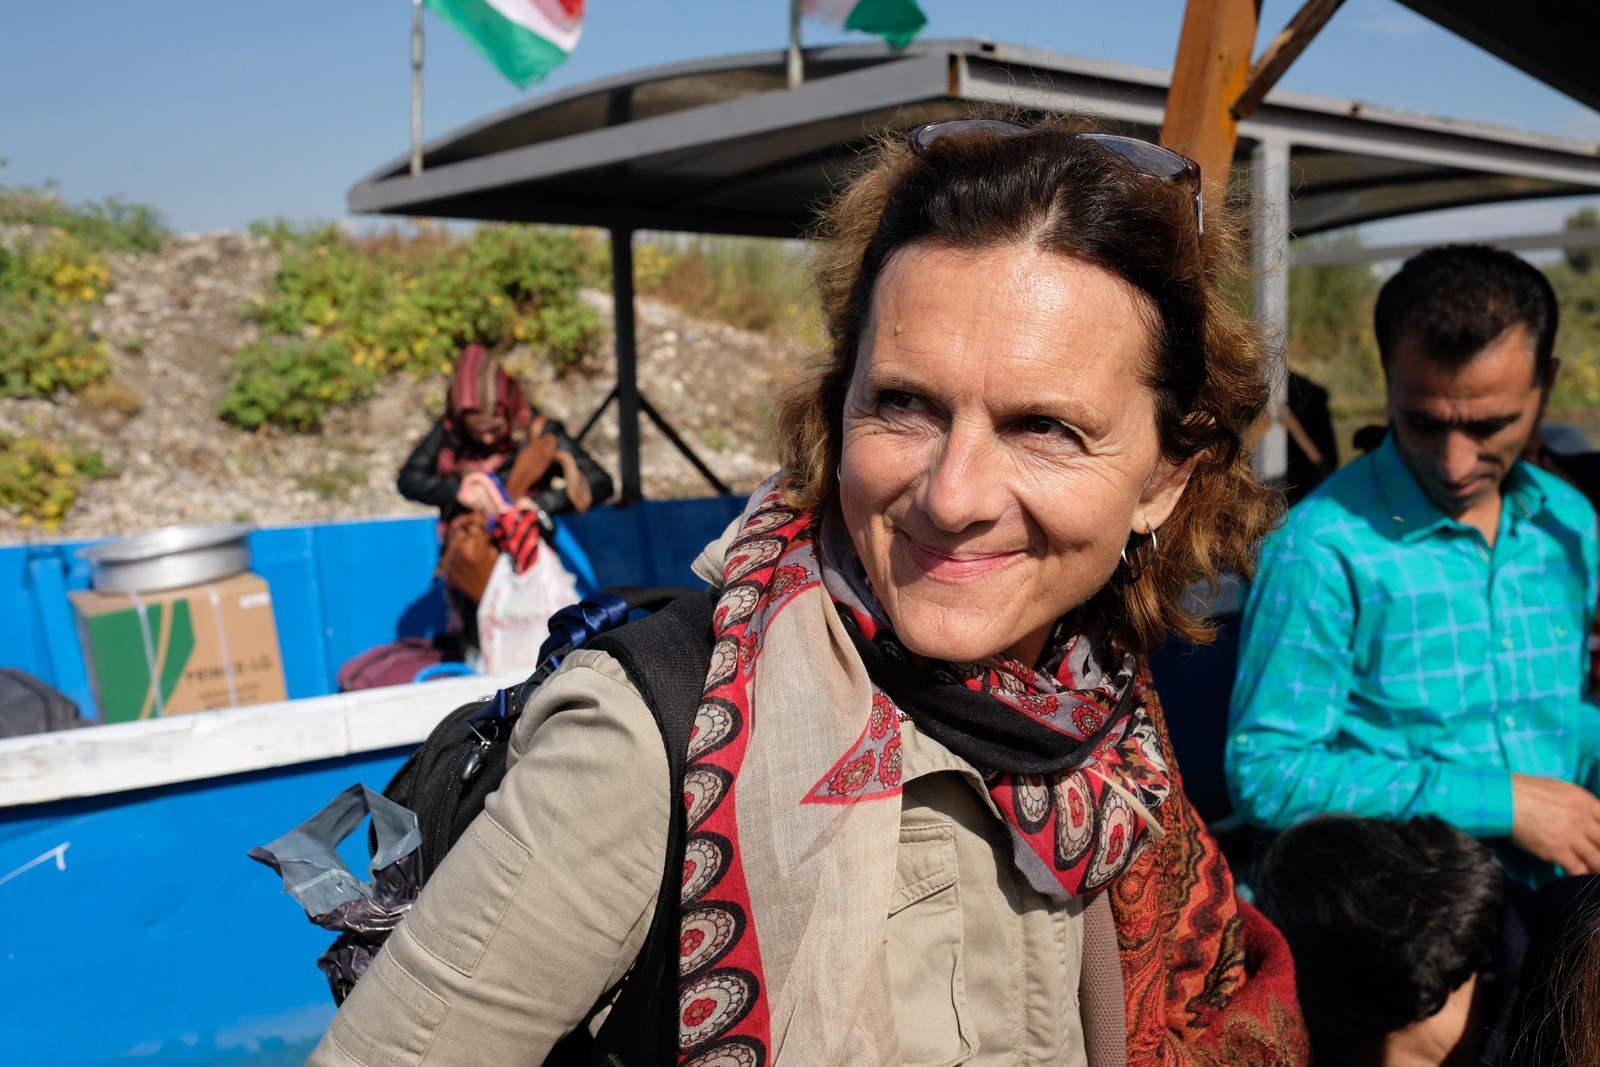 Korrespondent Sidsel Wold er glad. Vi har ventet en uke på tillatelse til å reise inn i Syra. Grensa går langs elva Tigris, og overfarten foregår i åpen båt.